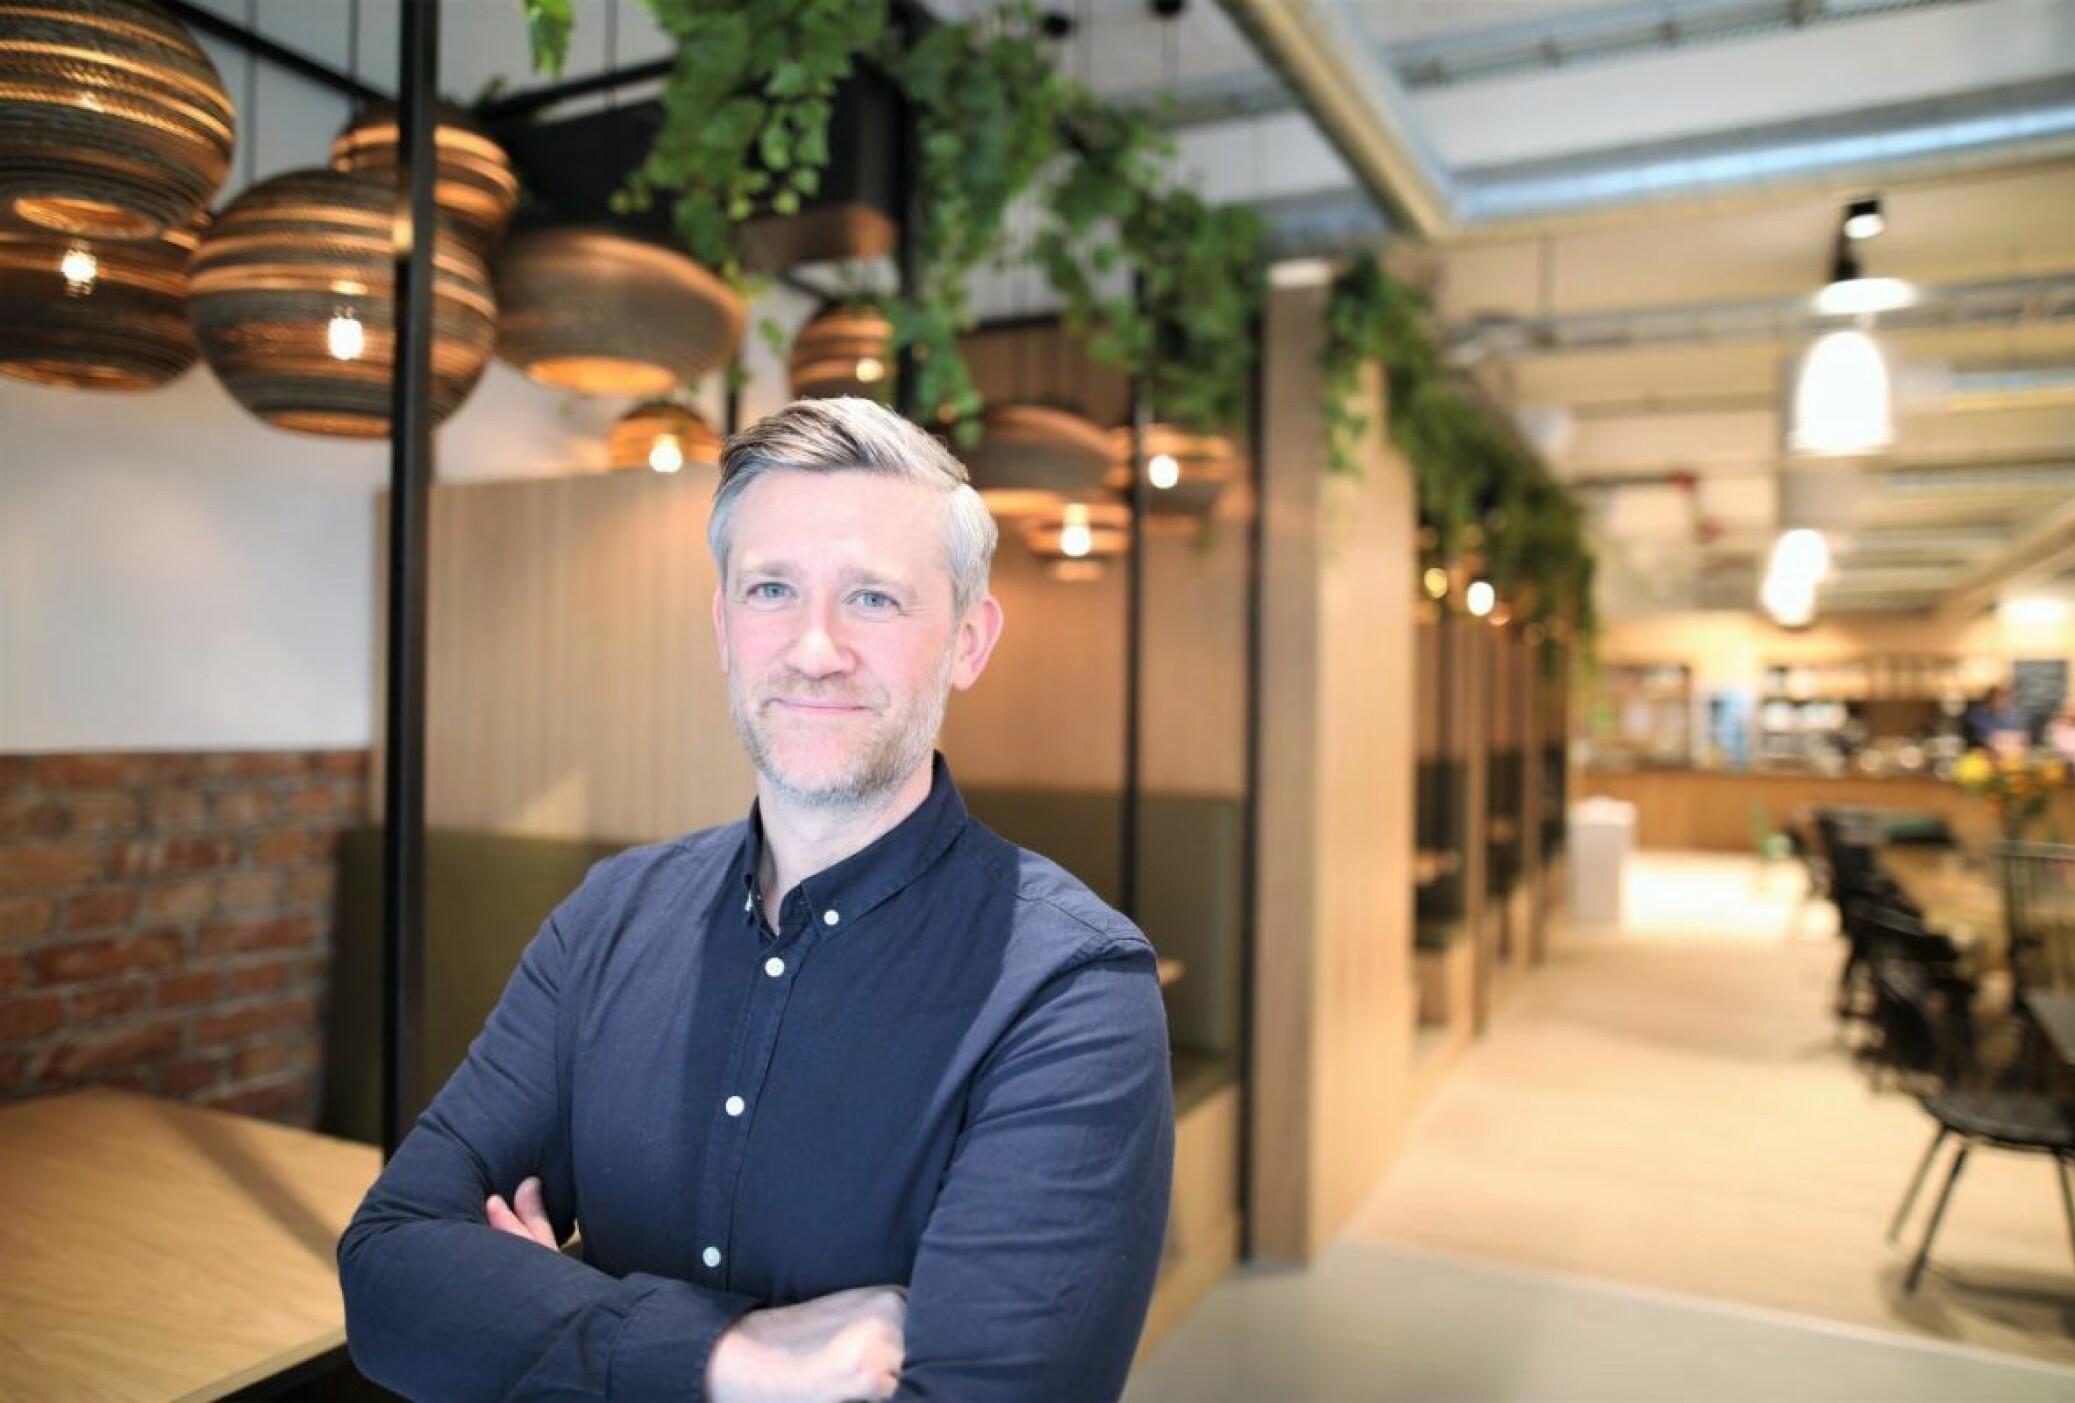 David Baum tror selskapene kan få til mye mer sammen, og gleder seg over oppkjøpet.